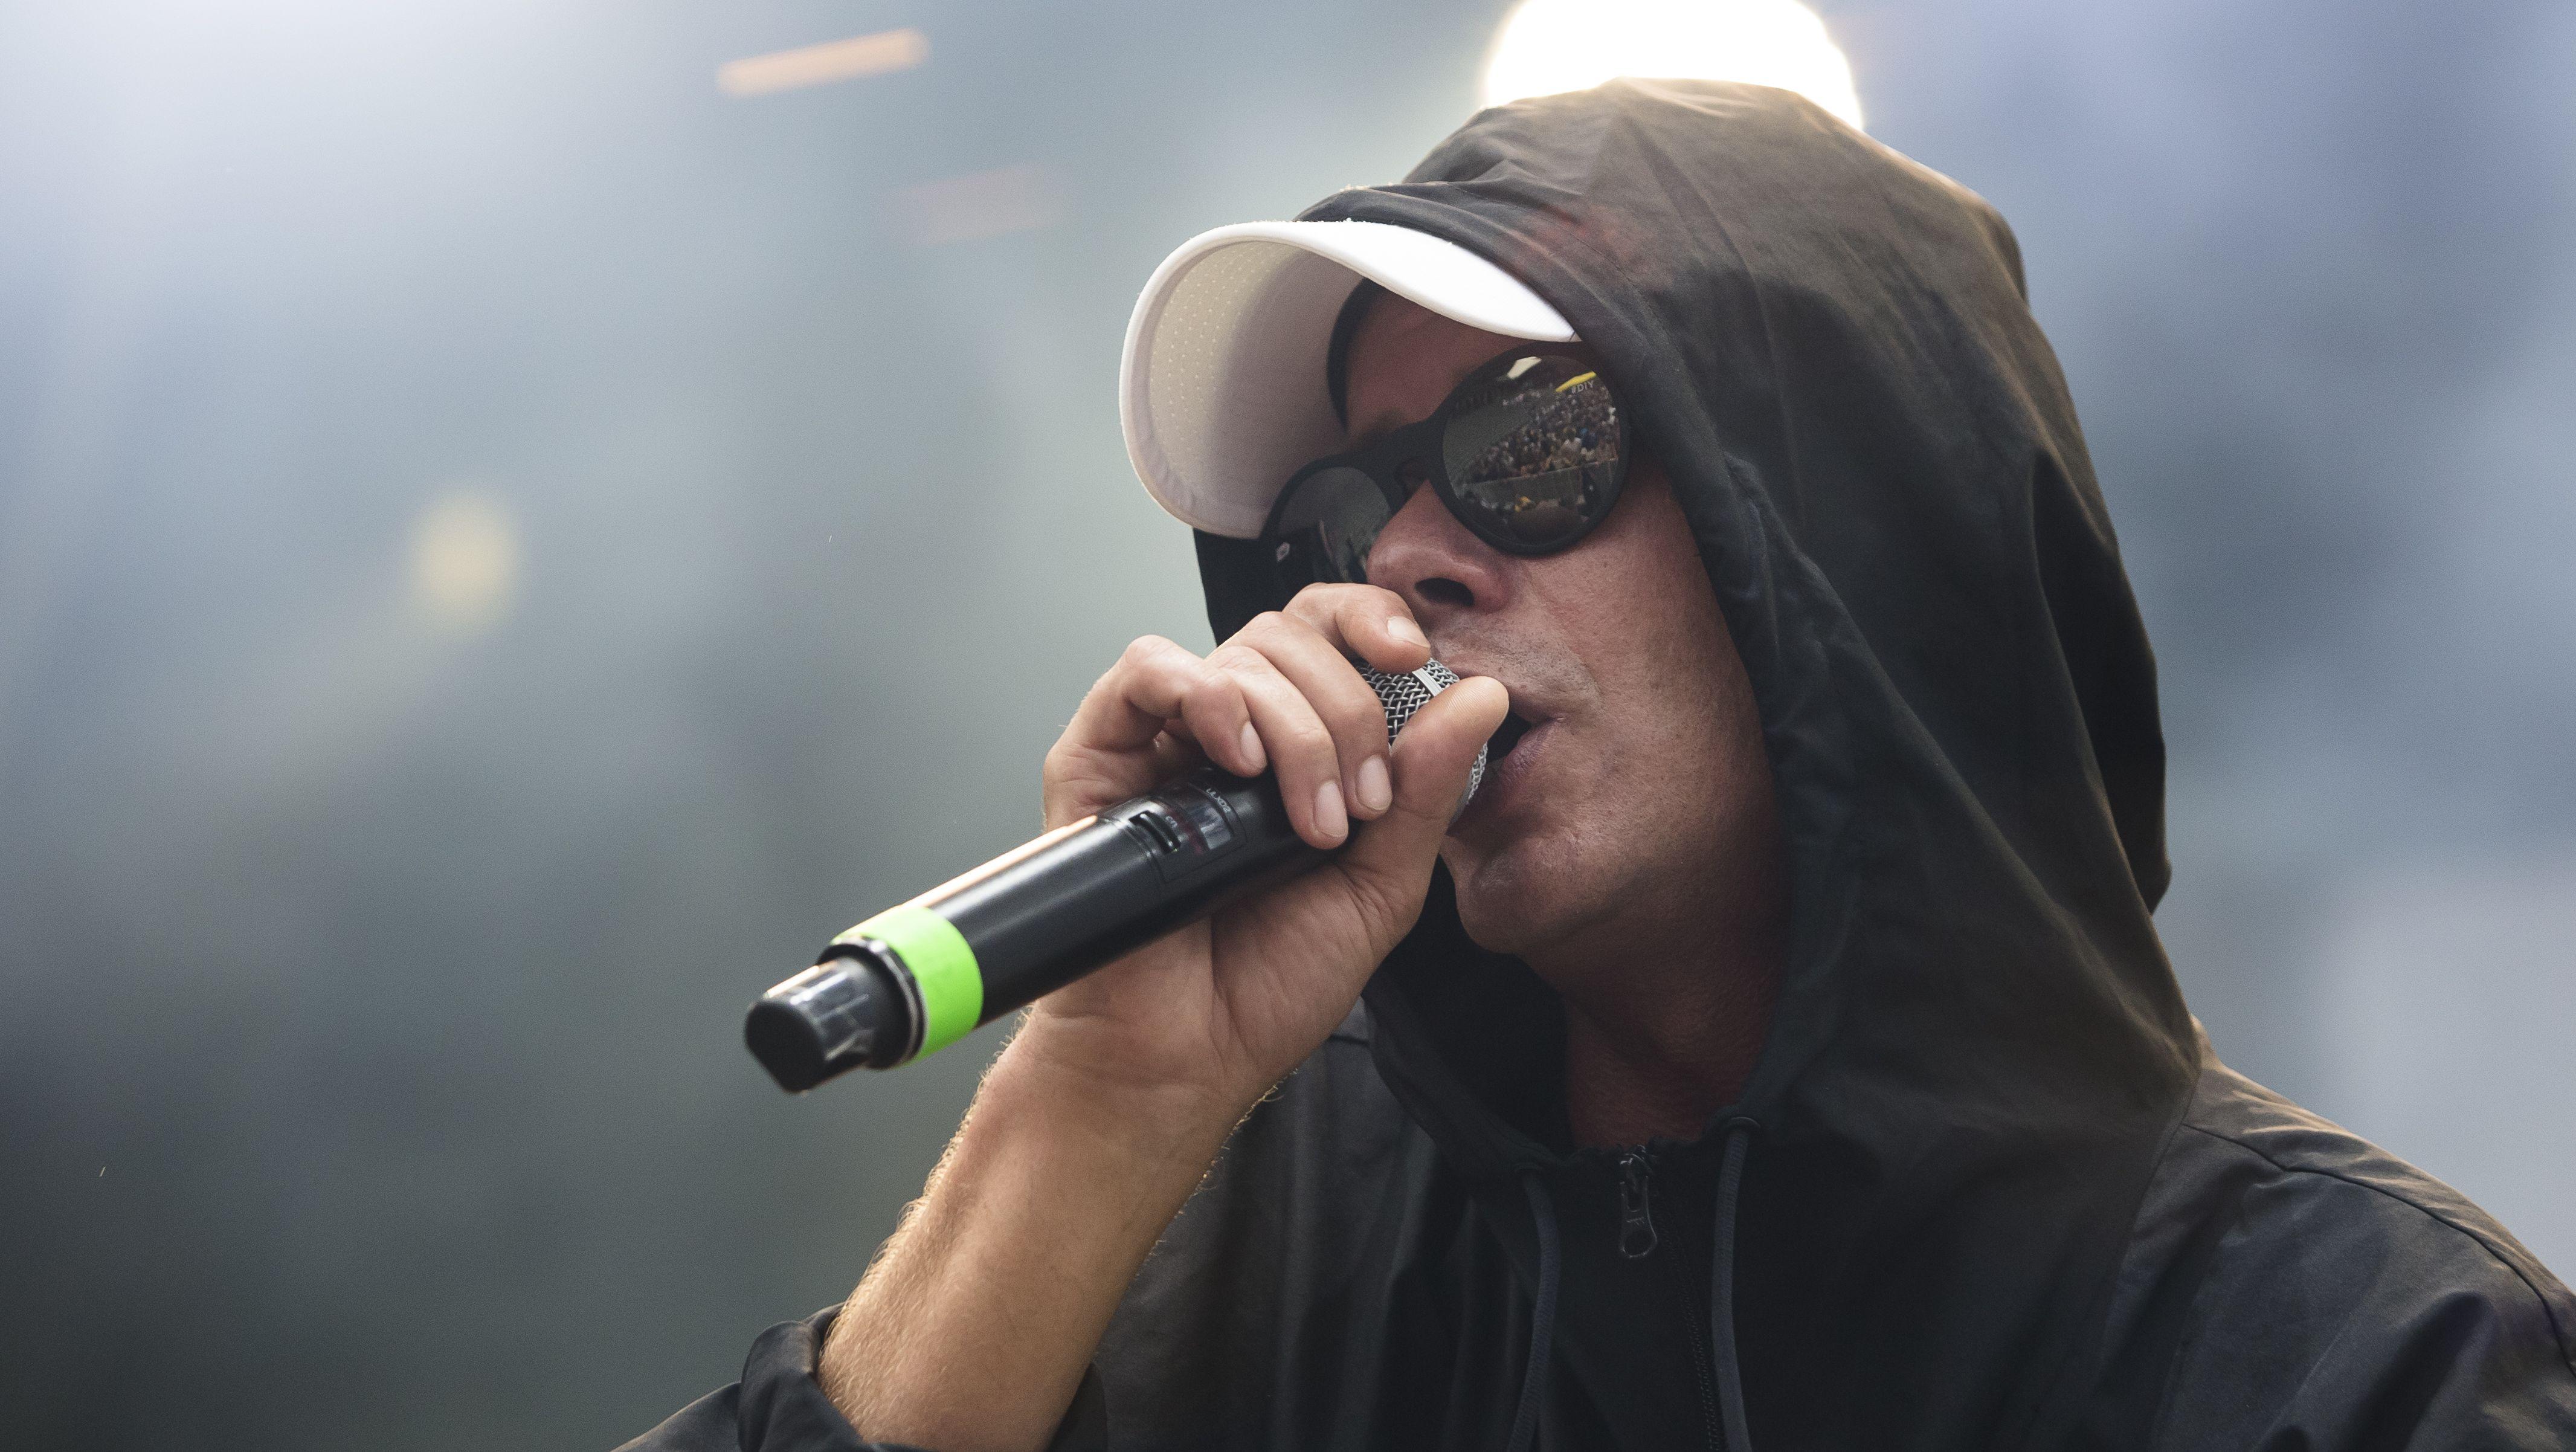 Trettmann in seinem Standardlook: Sonnenbrille vor den Augen, Cap auf dem Kopf und drüber noch eine Kapuze.